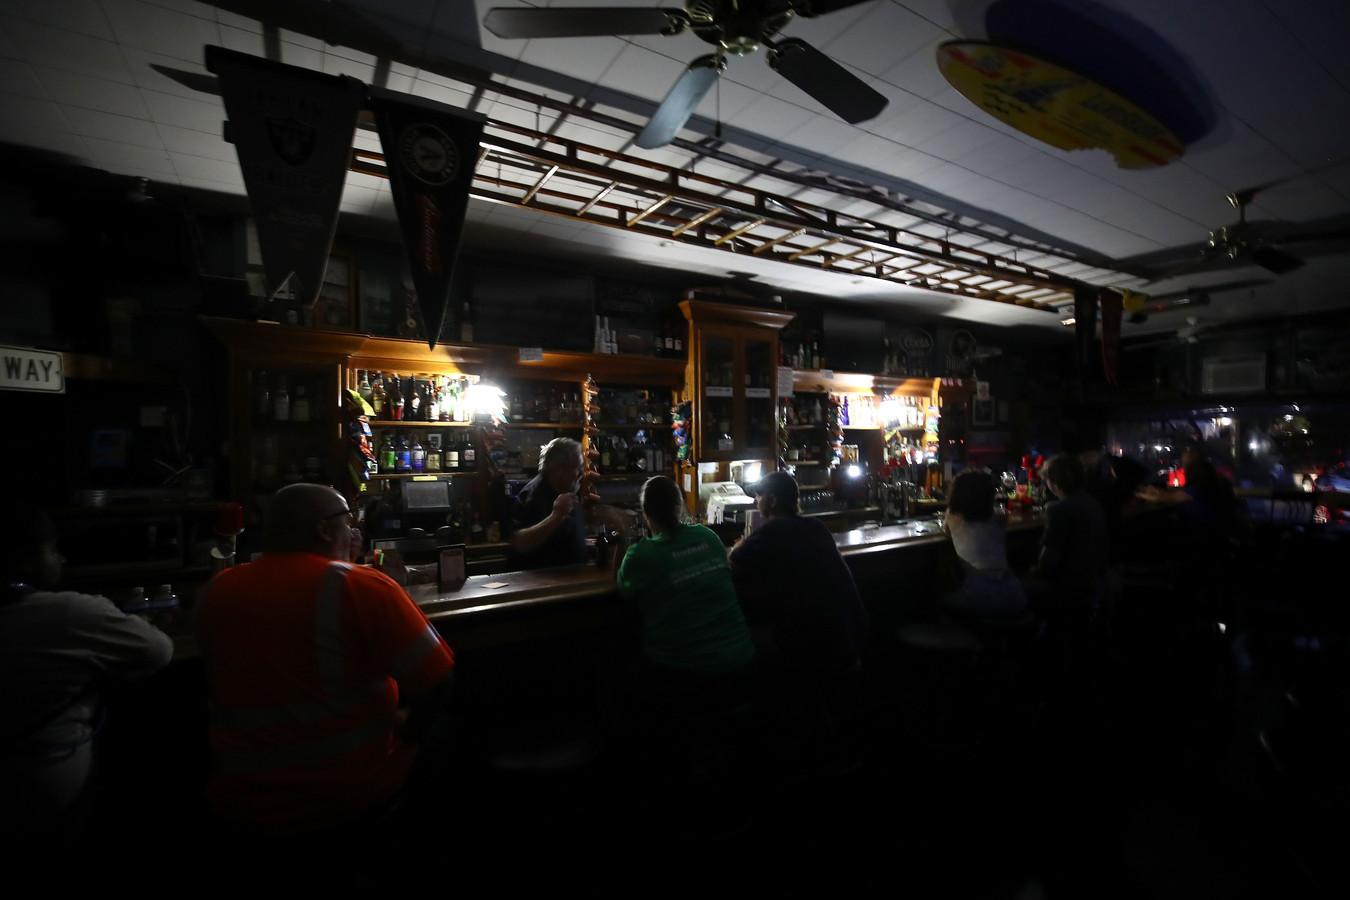 Dit café opende toch de deuren, hoewel klanten er in het donker zitten.